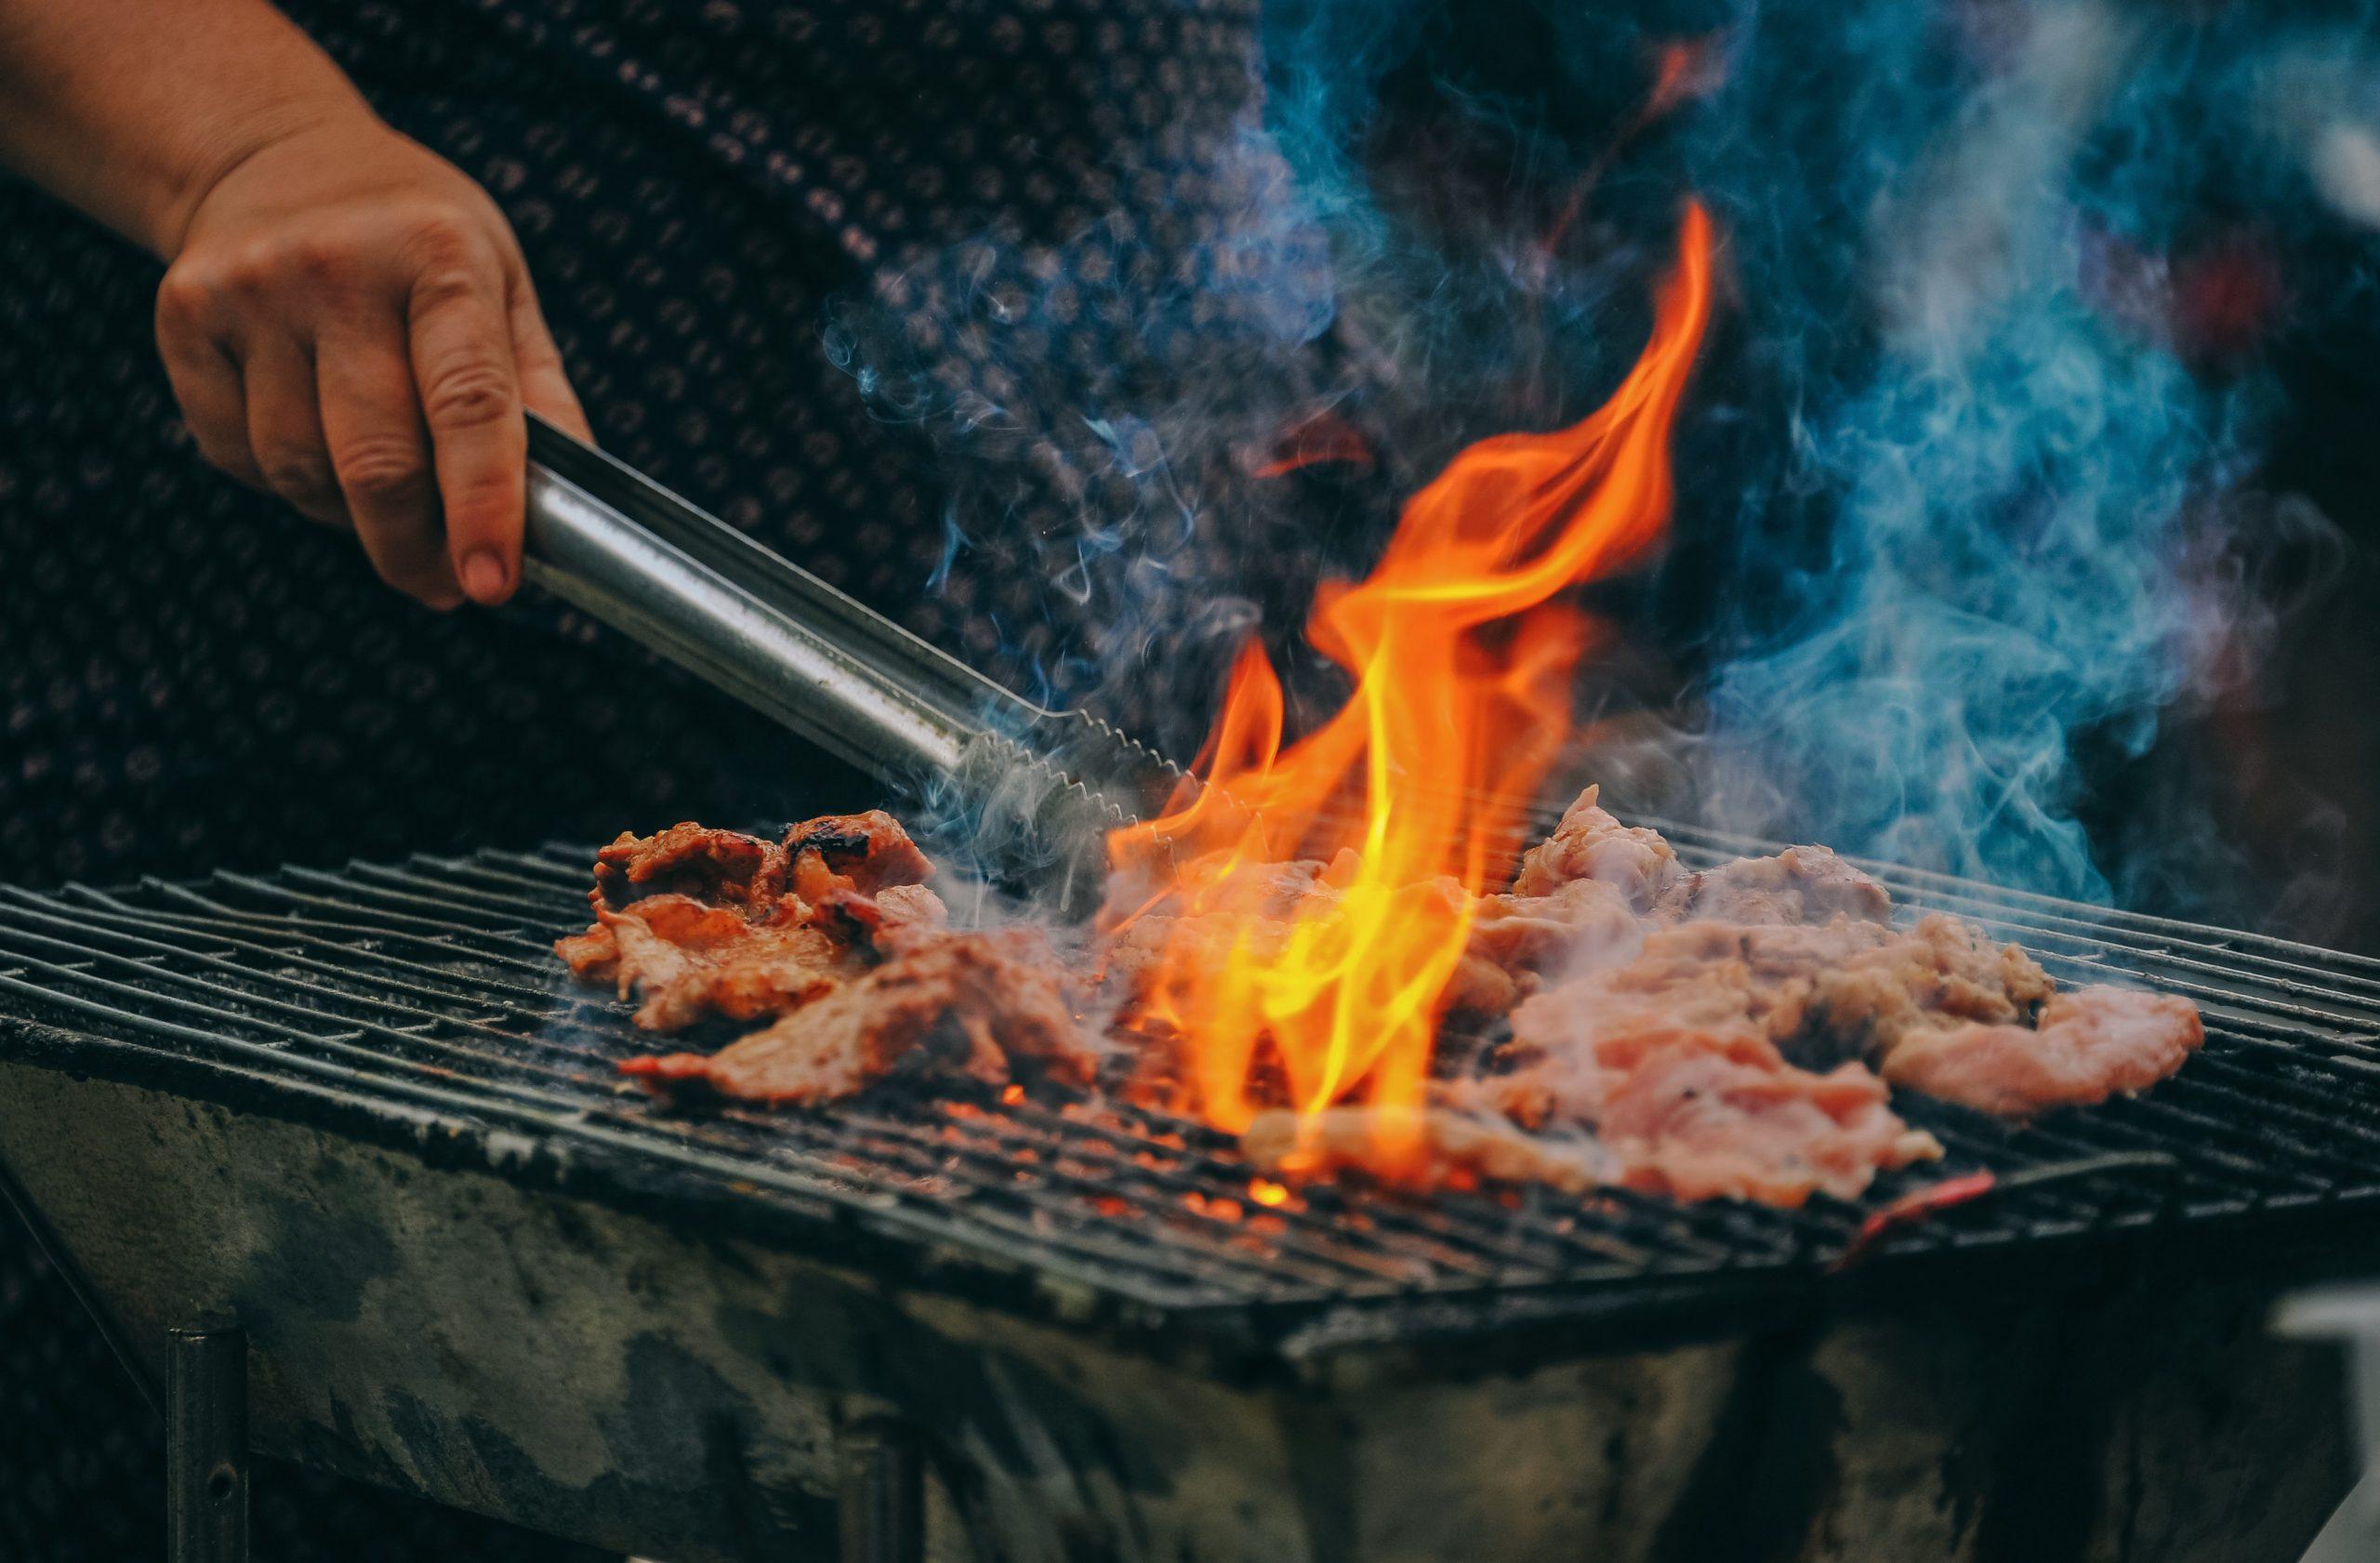 מעשנות בשר – מה הבסיס למעשנה איכותית